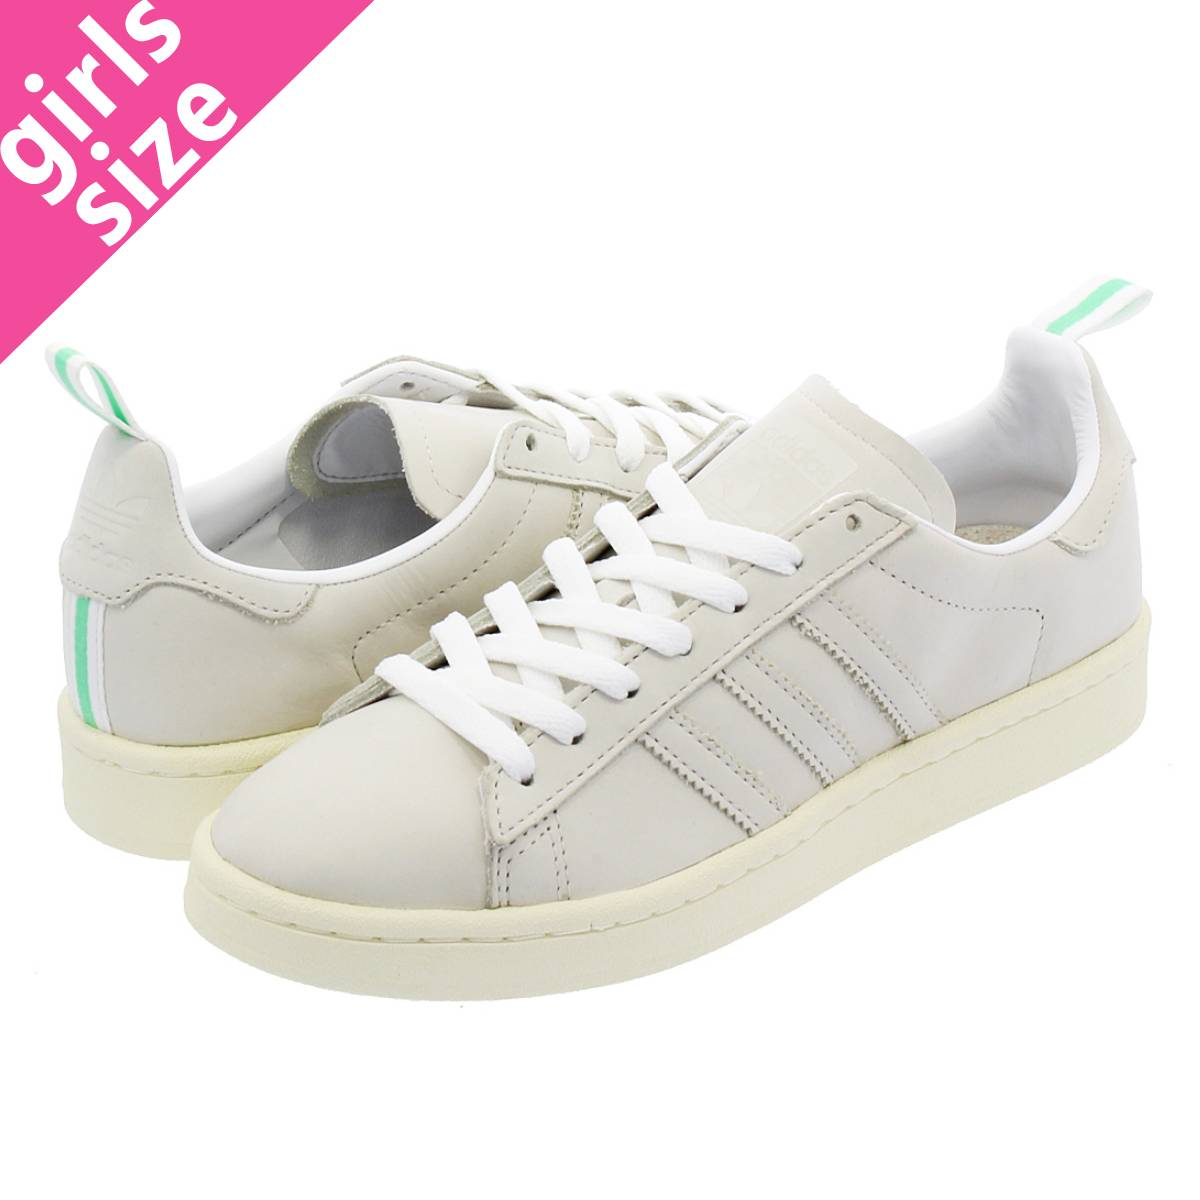 32fbc3183faef7 LOWTEX BIG-SMALL SHOP  adidas CAMPUS Adidas campus RUNNING WHITE VINTAGE  WHITE VINTAGE WHITE